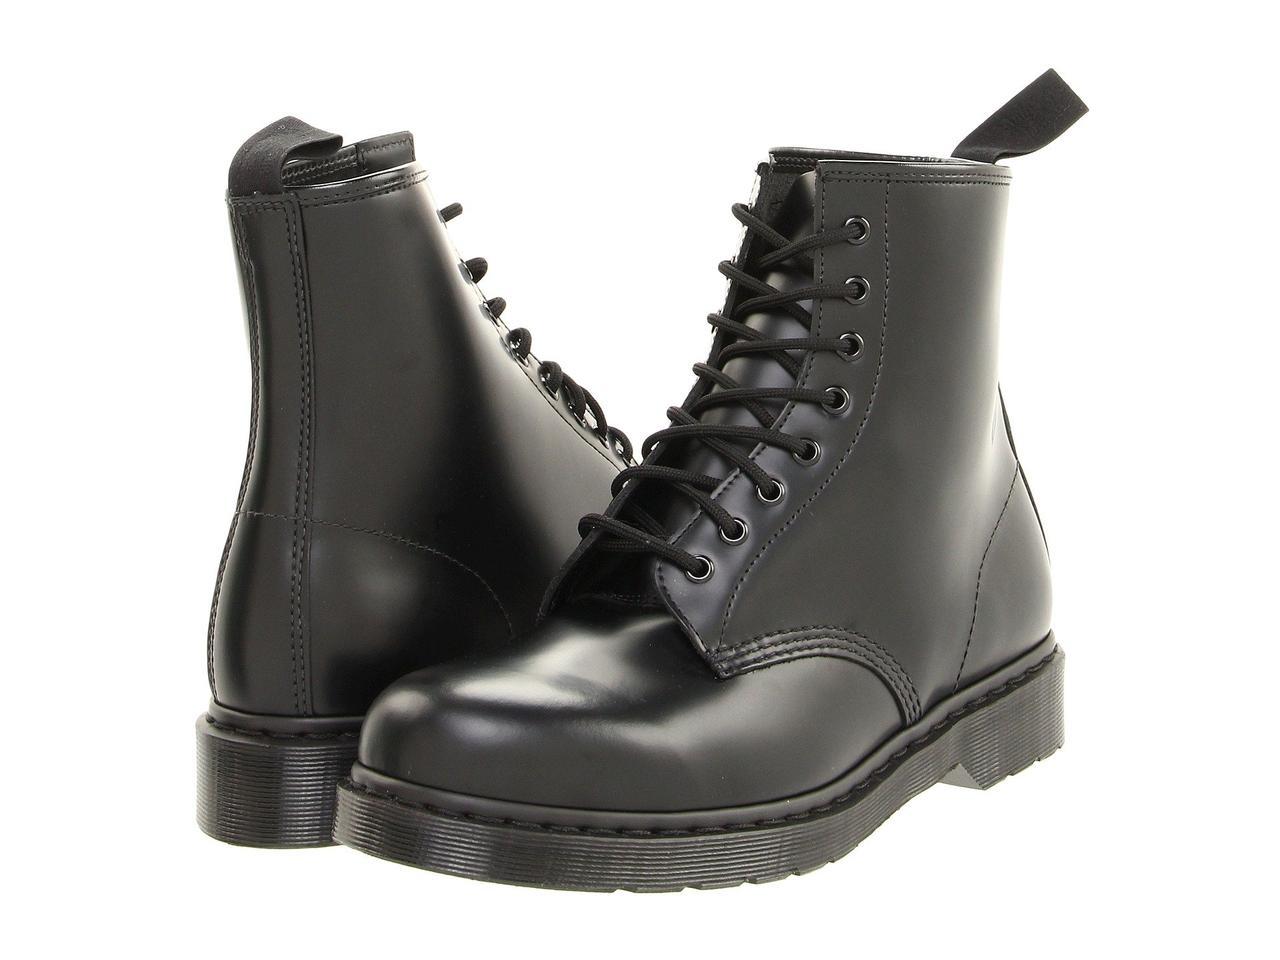 Ботинки/Сапоги (Оригинал) Dr. Martens 1460 8-Tie Boot Black Smooth